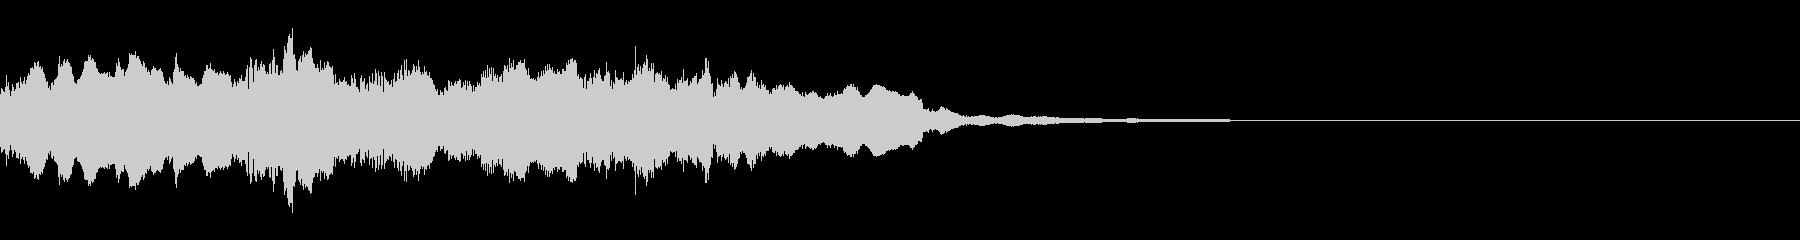 和風のジングル3の未再生の波形